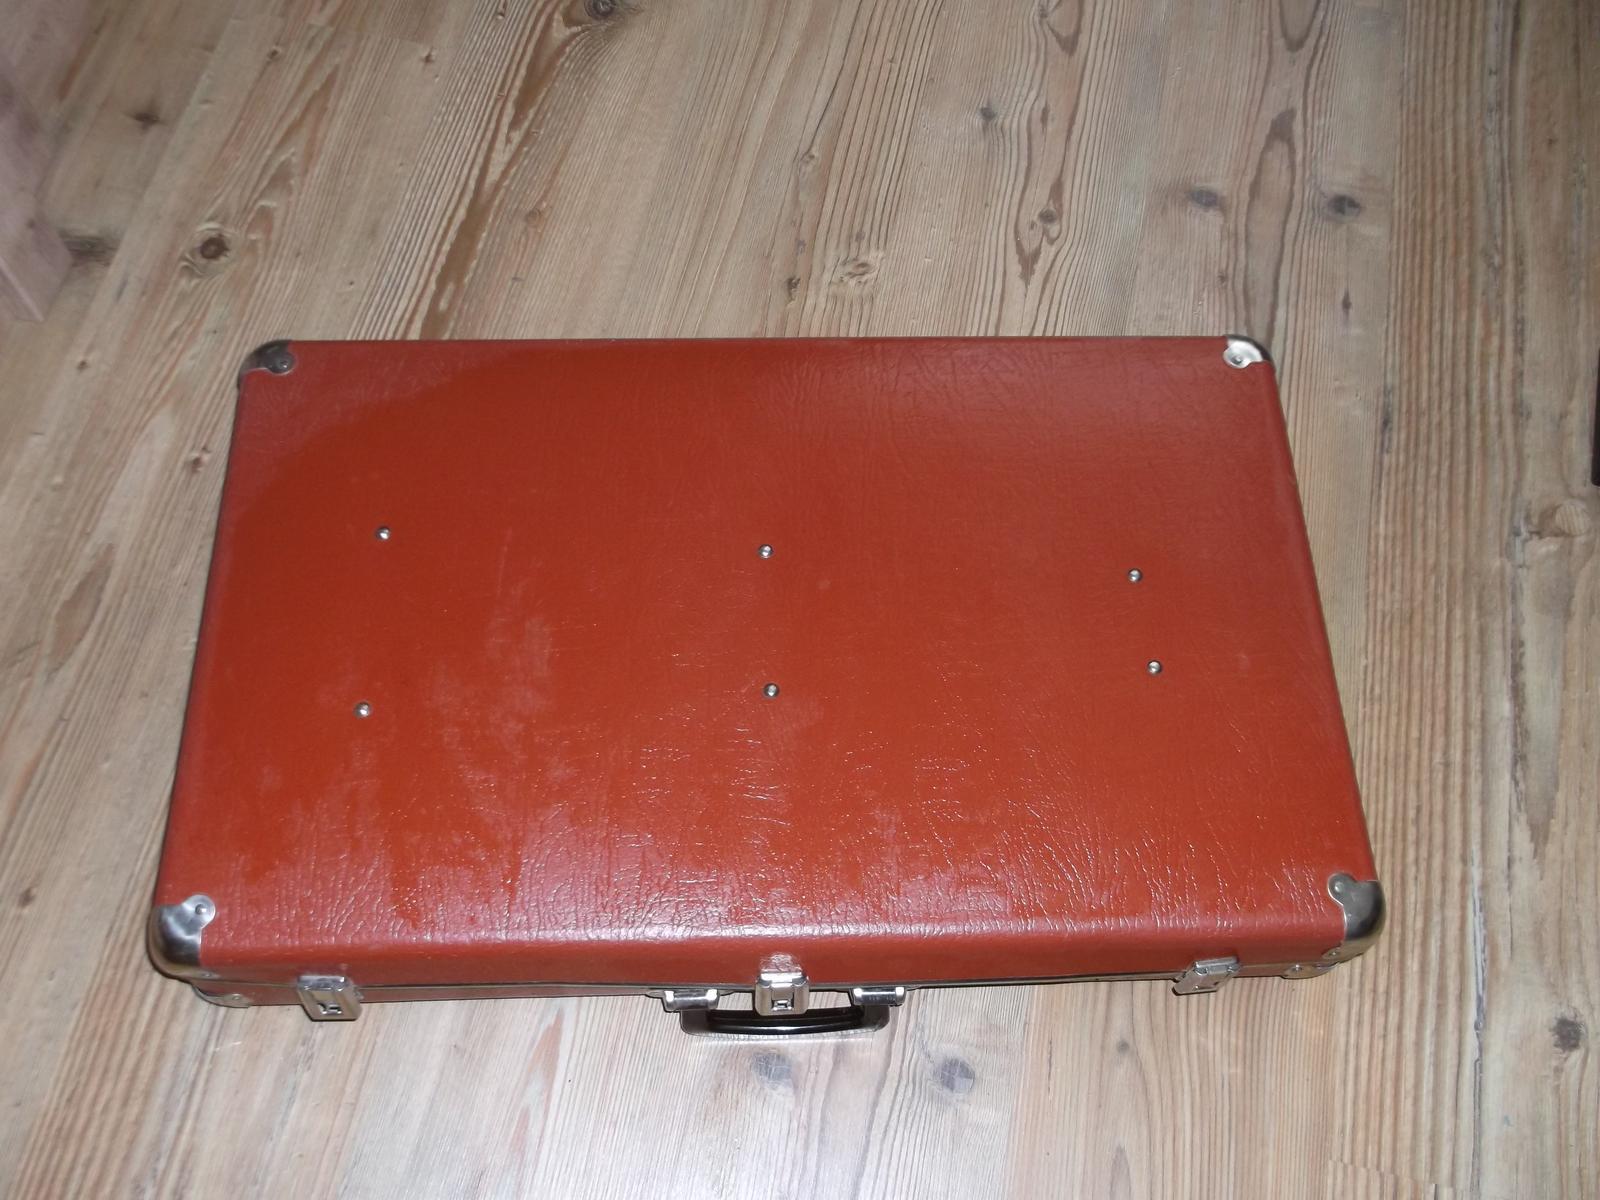 Staré hnedé kufre - 4 kusy - Obrázok č. 1